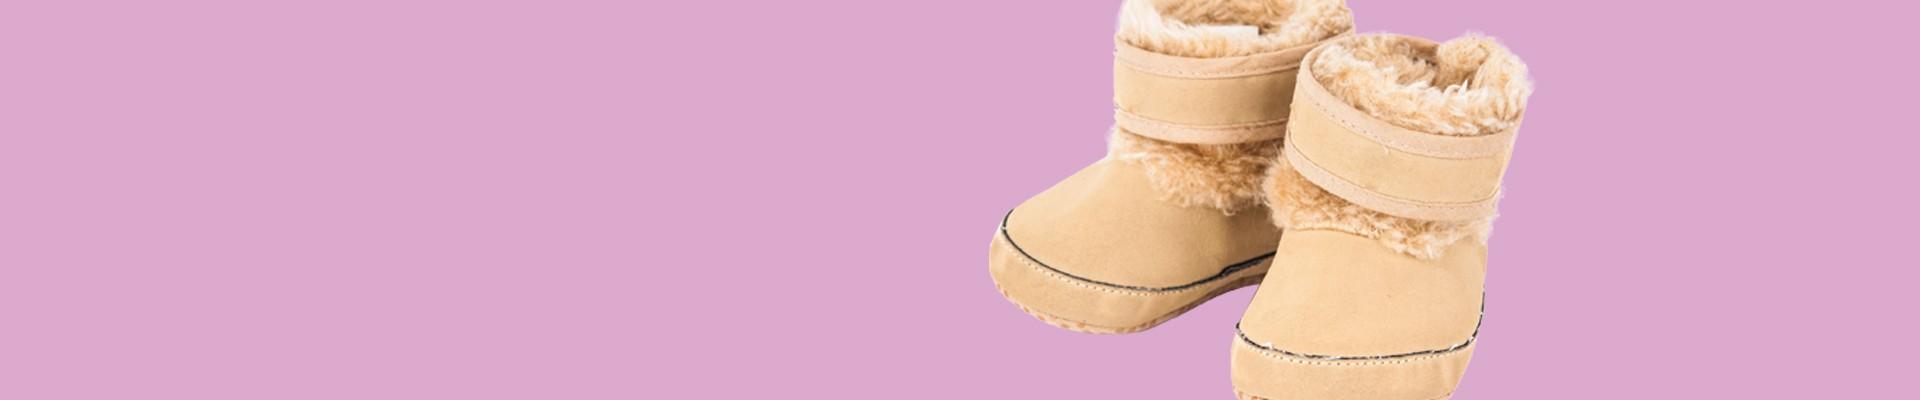 Jual Sepatu Boots Anak Perempuan Model Terbaru